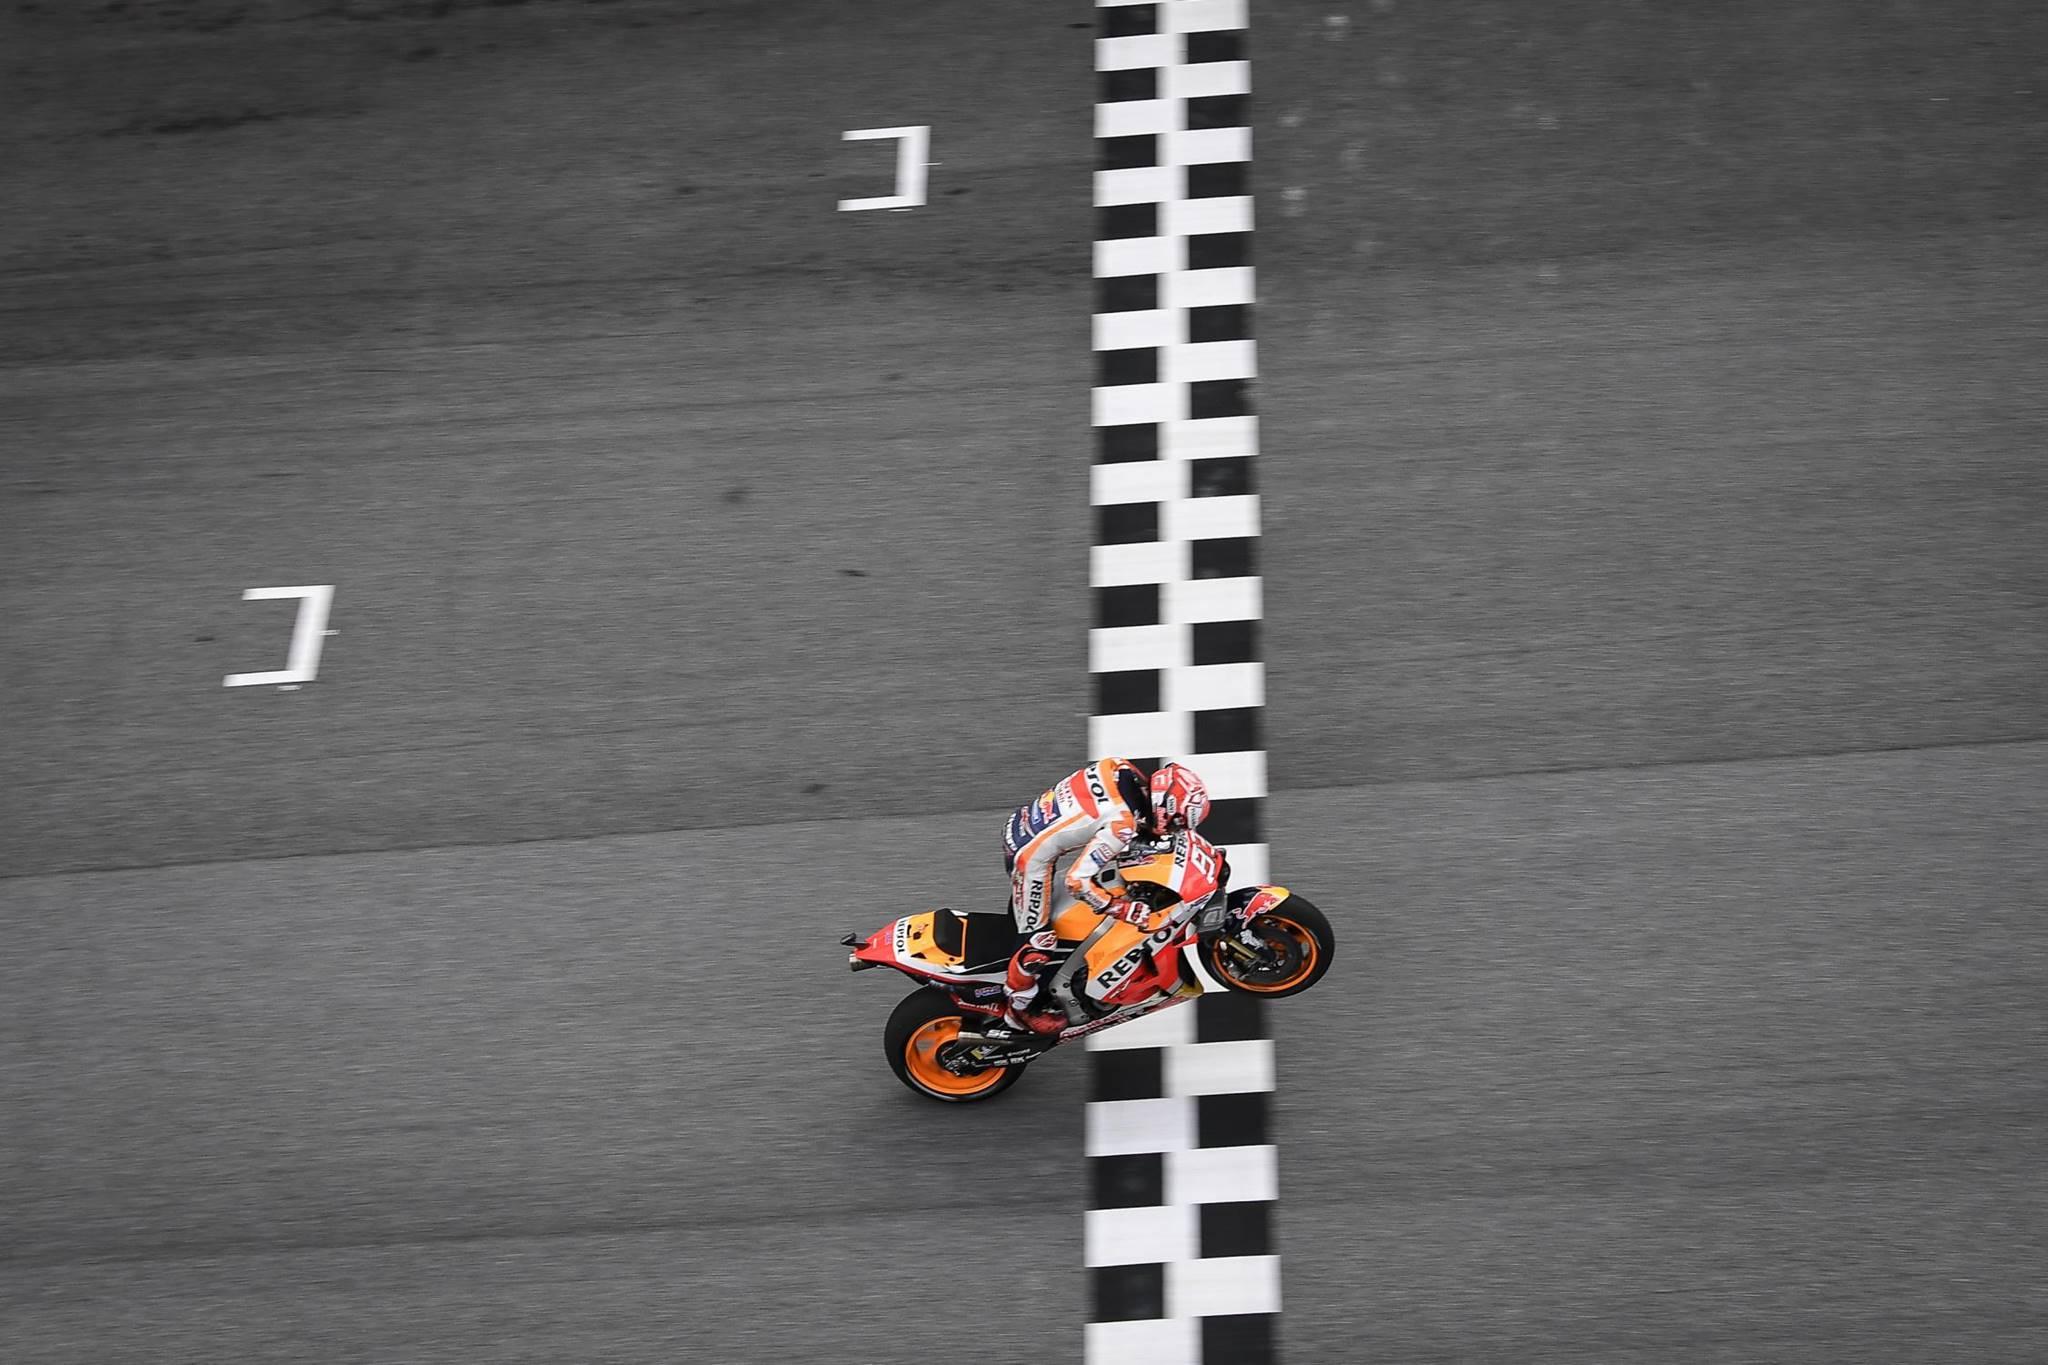 MotoGP_MalaysianGP_2018_Xe_Tinhte_009.jpg